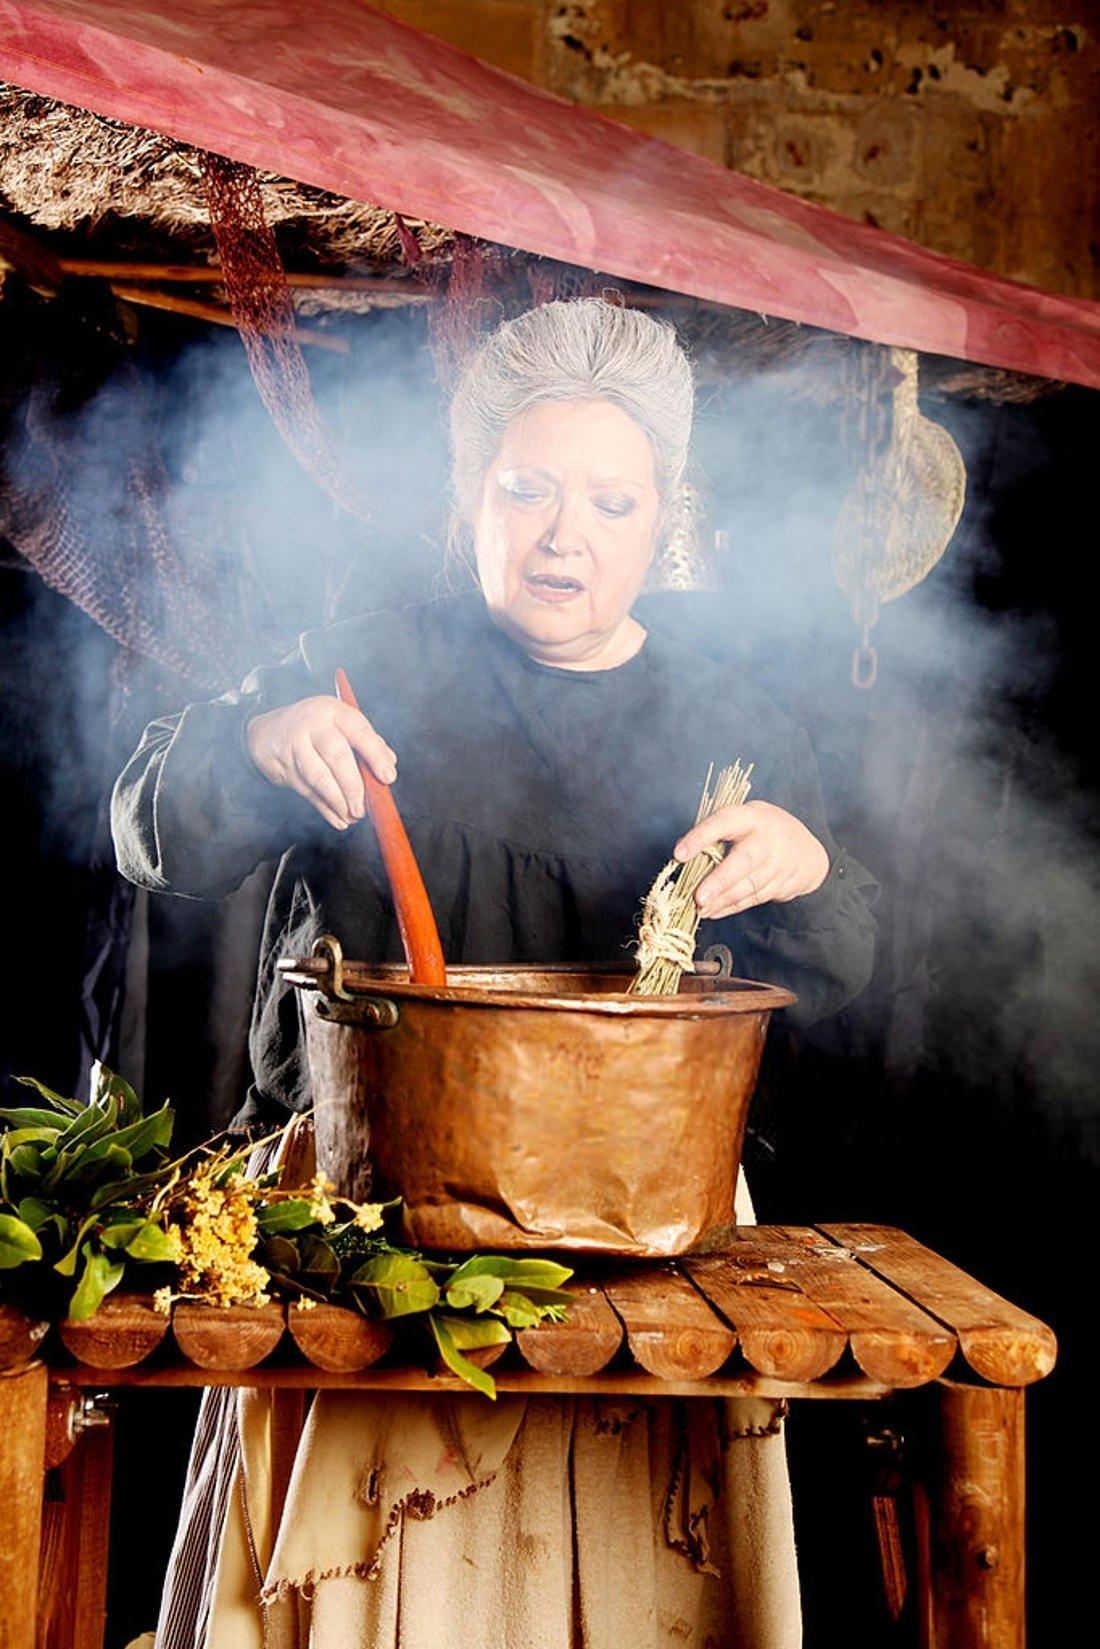 Tipos de bruxas - Bruxa da cozinha - Kitchens Witches